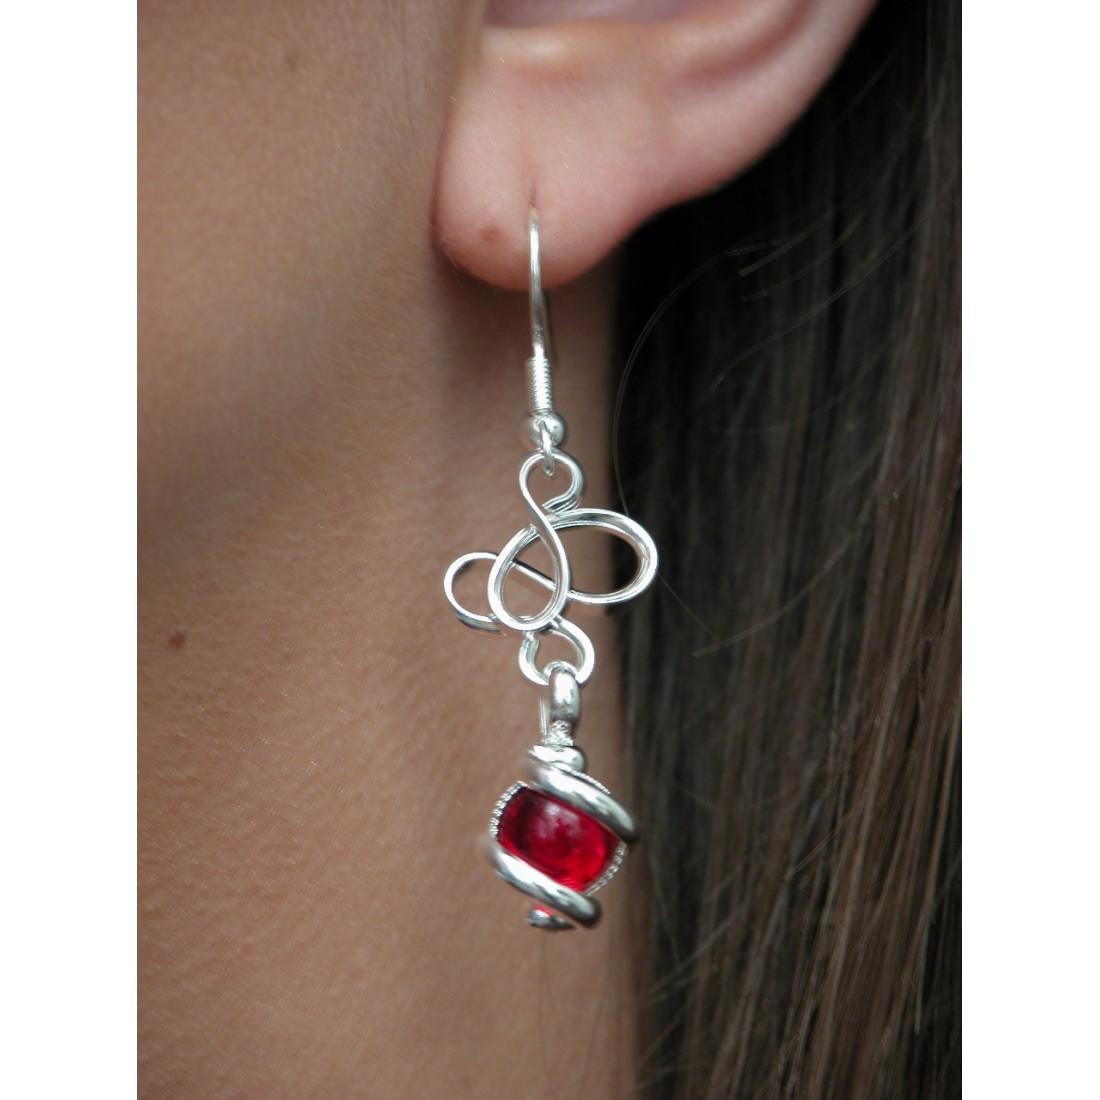 Boucles d'oreilles artisanaux, rouges.